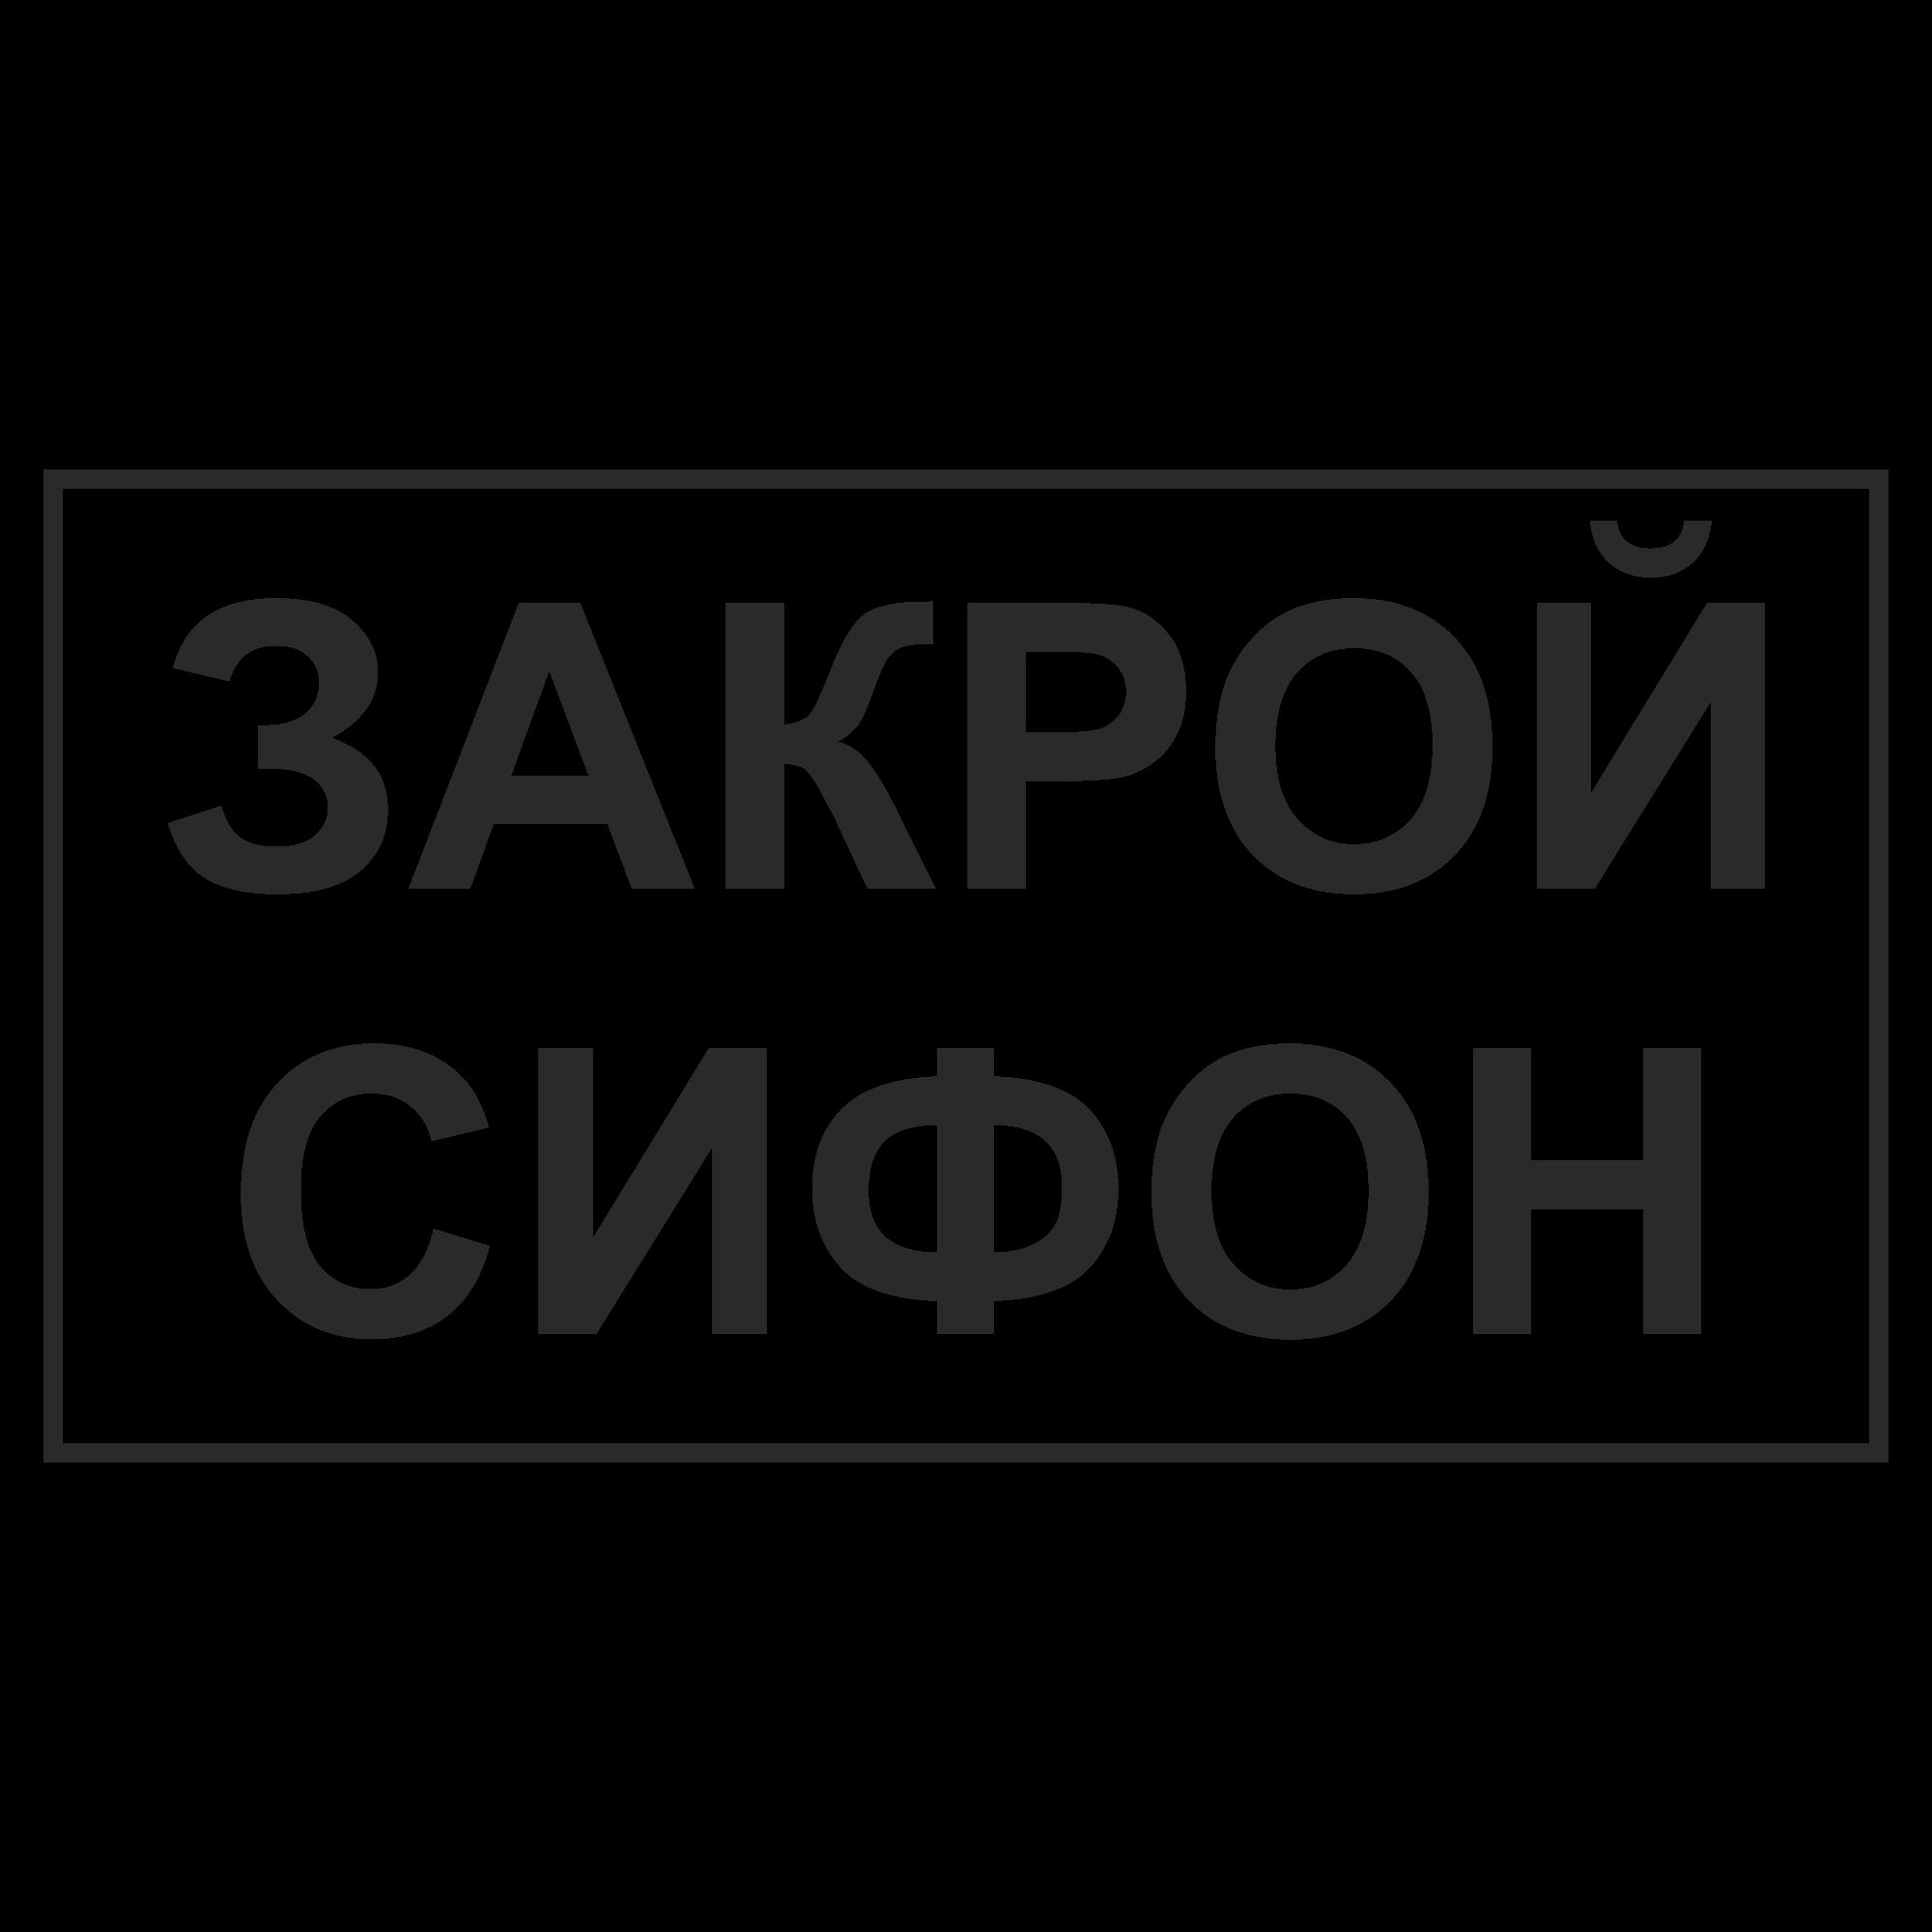 """Знак """"Закрой сифон"""""""